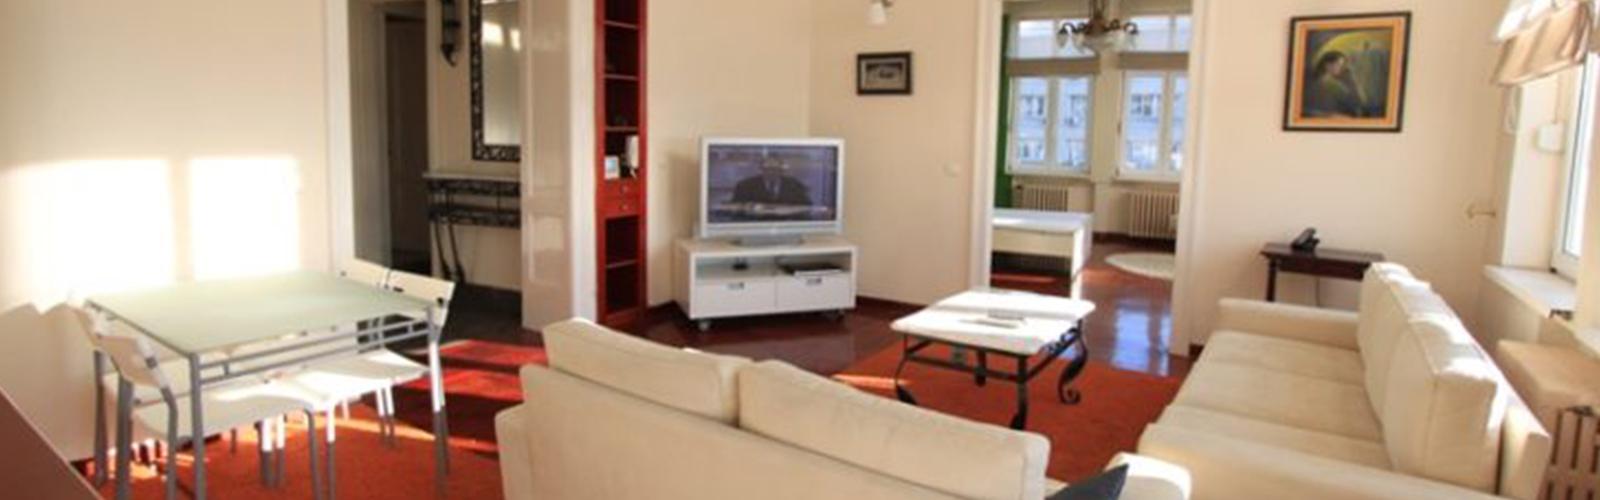 Concierge Belgrade | Apartman Delta Top 49